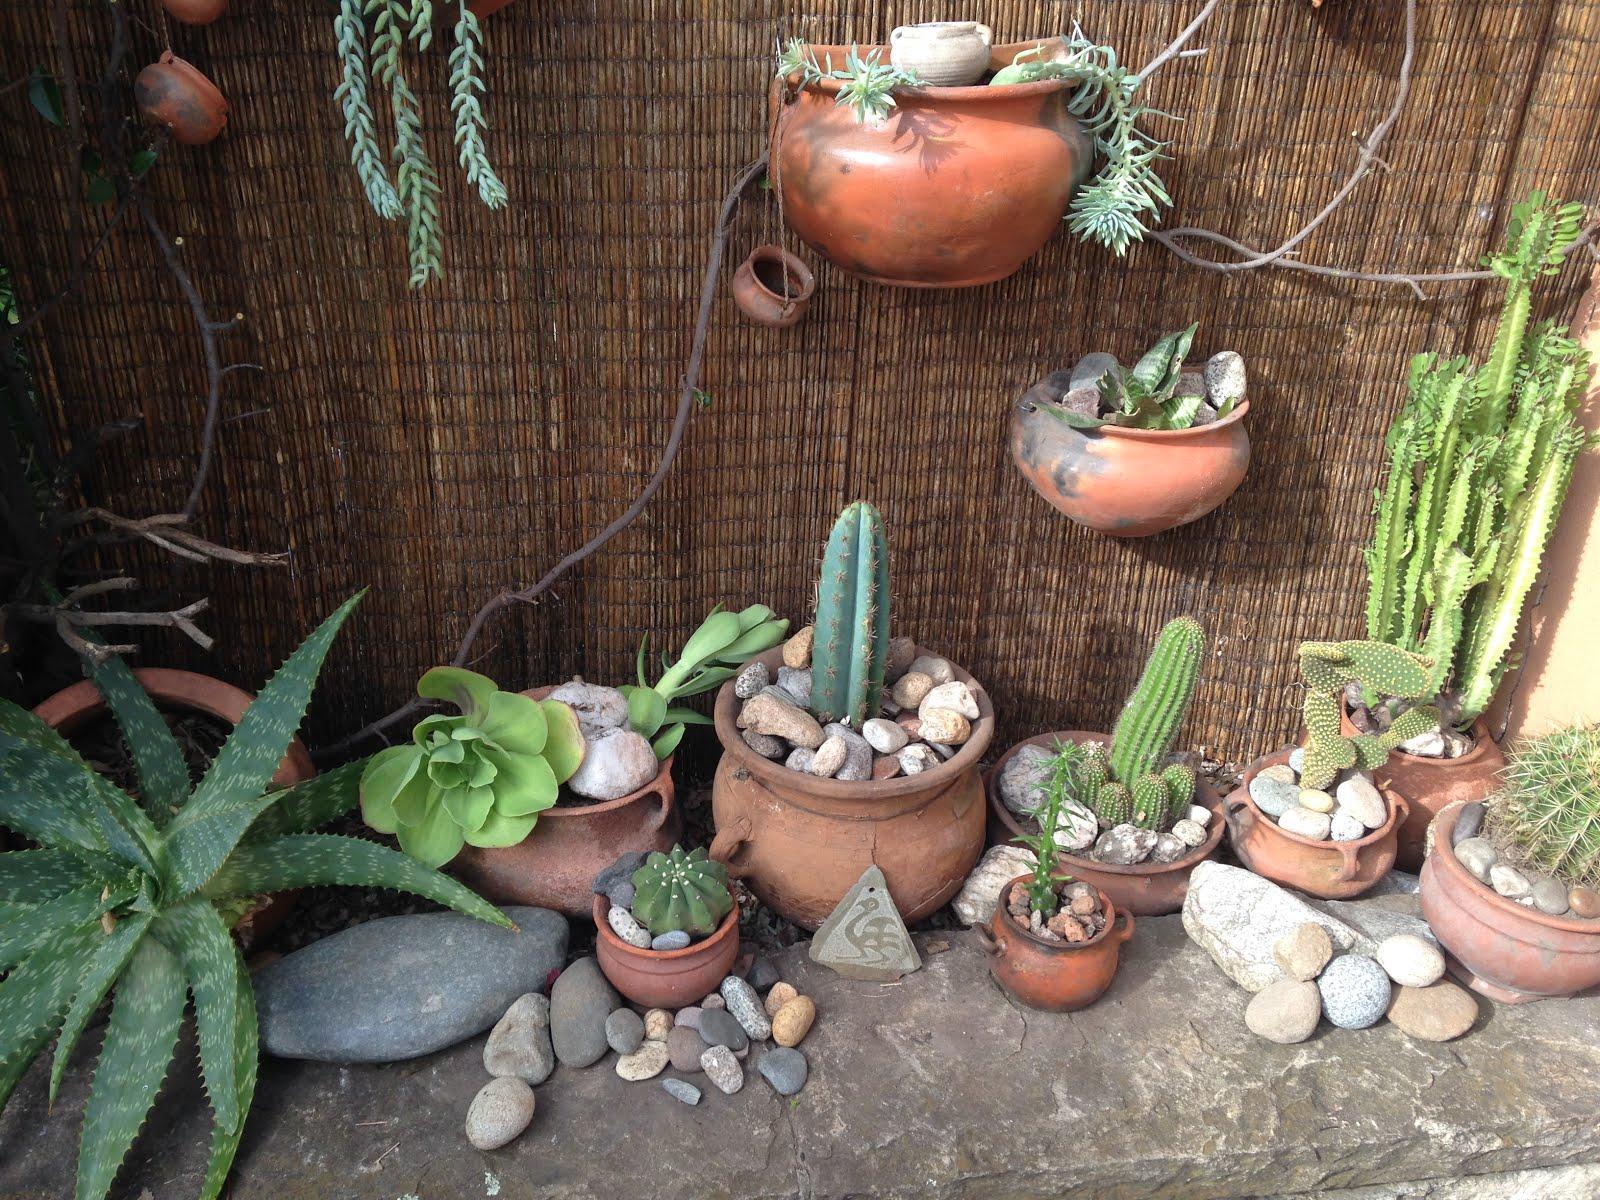 Unas piedras cacharros macetas de barro cactus y - Jardines con cactus y piedras ...